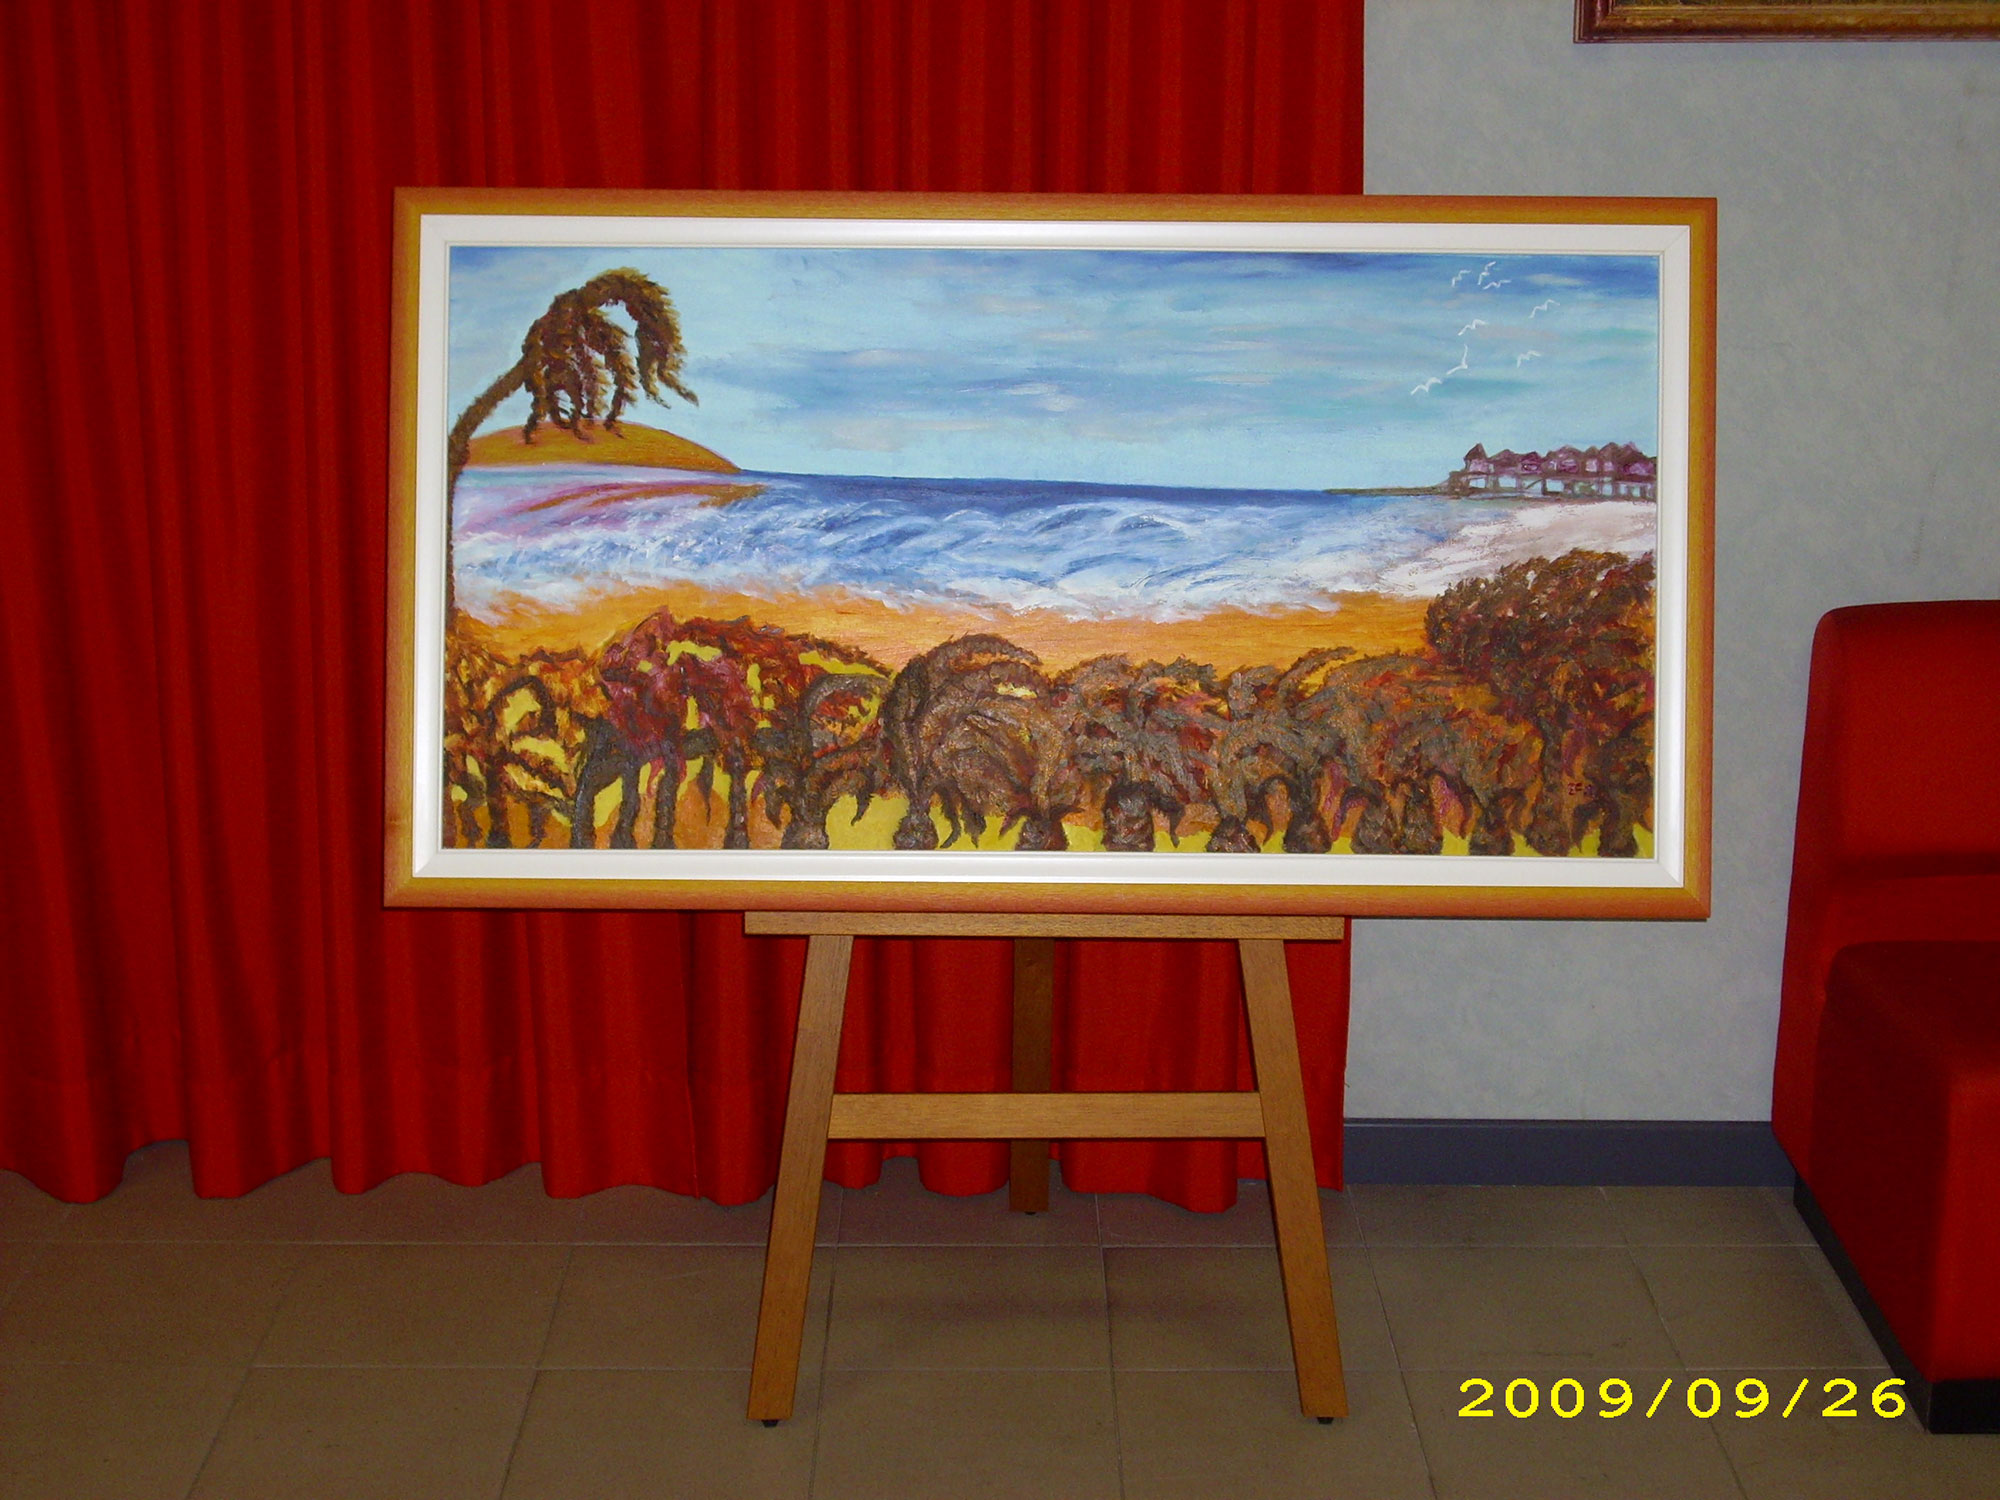 Dimenticati paradisi - I colori del vento - Olio su tela 60x120cm